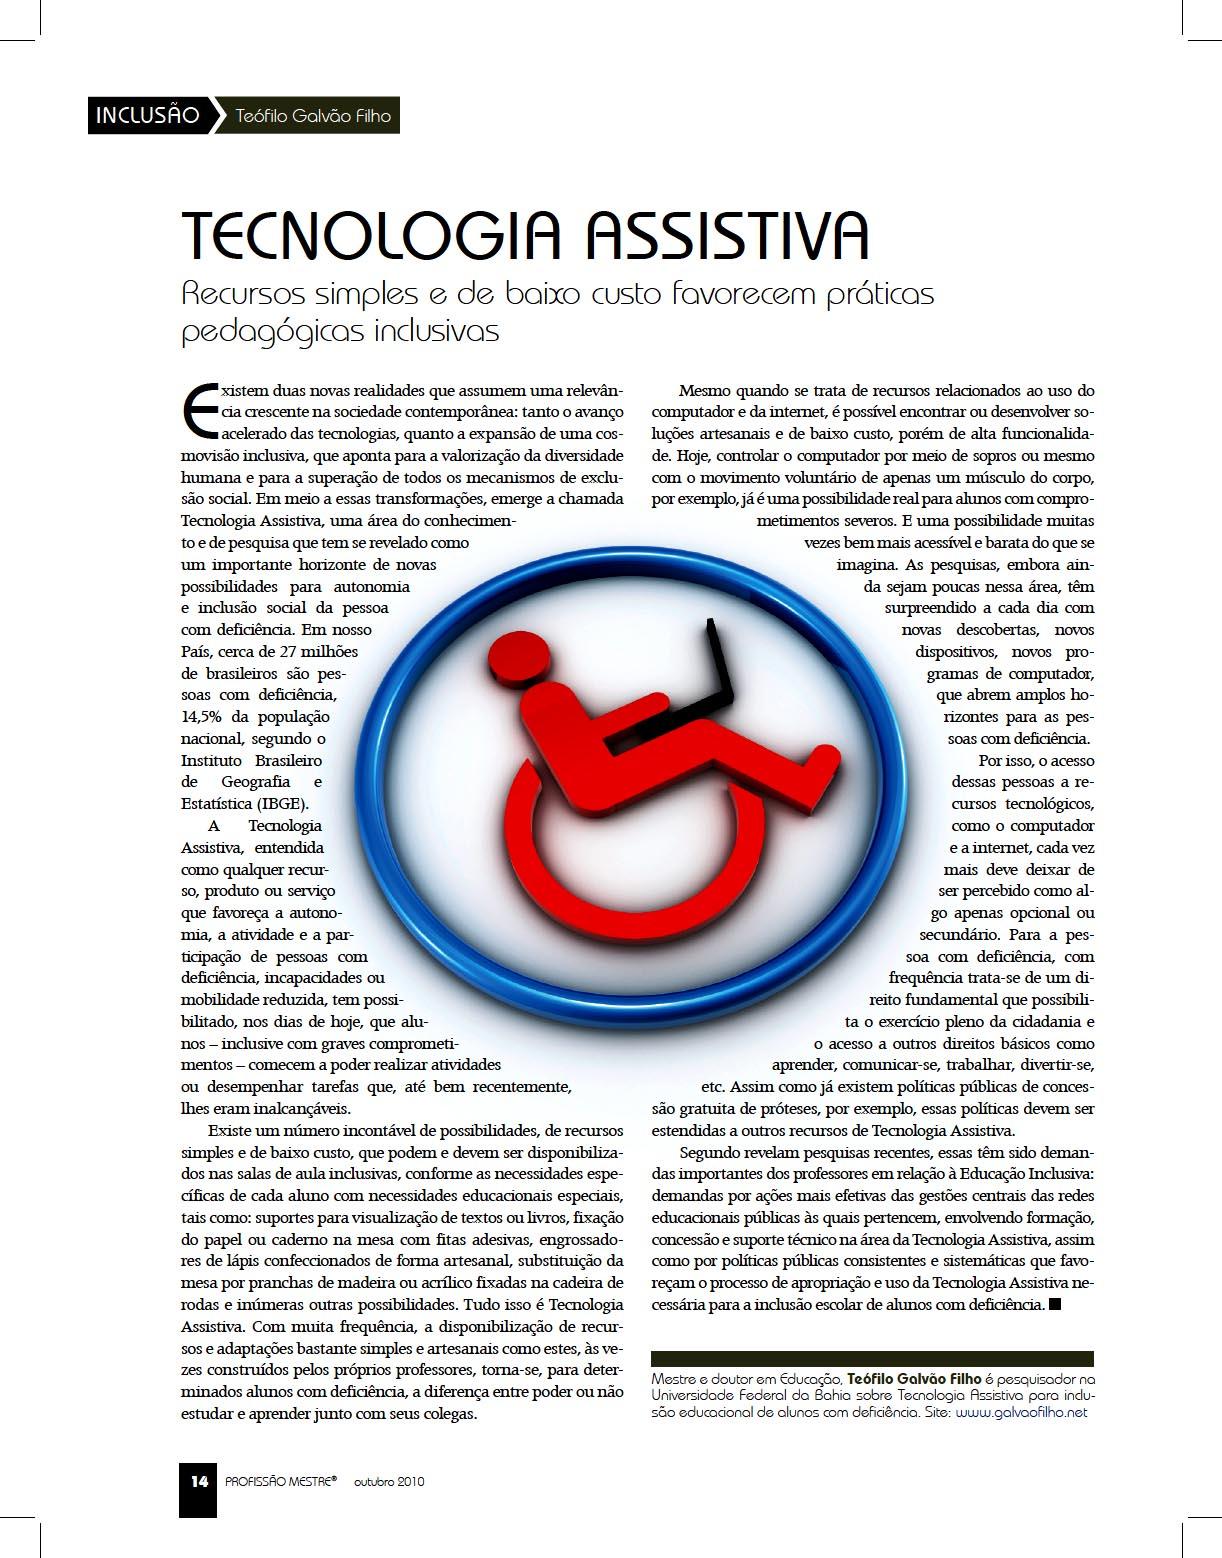 Imagem da página da revista com a matéria. Baixar o arquivo da matéria  no formato PDF no link abaixo.